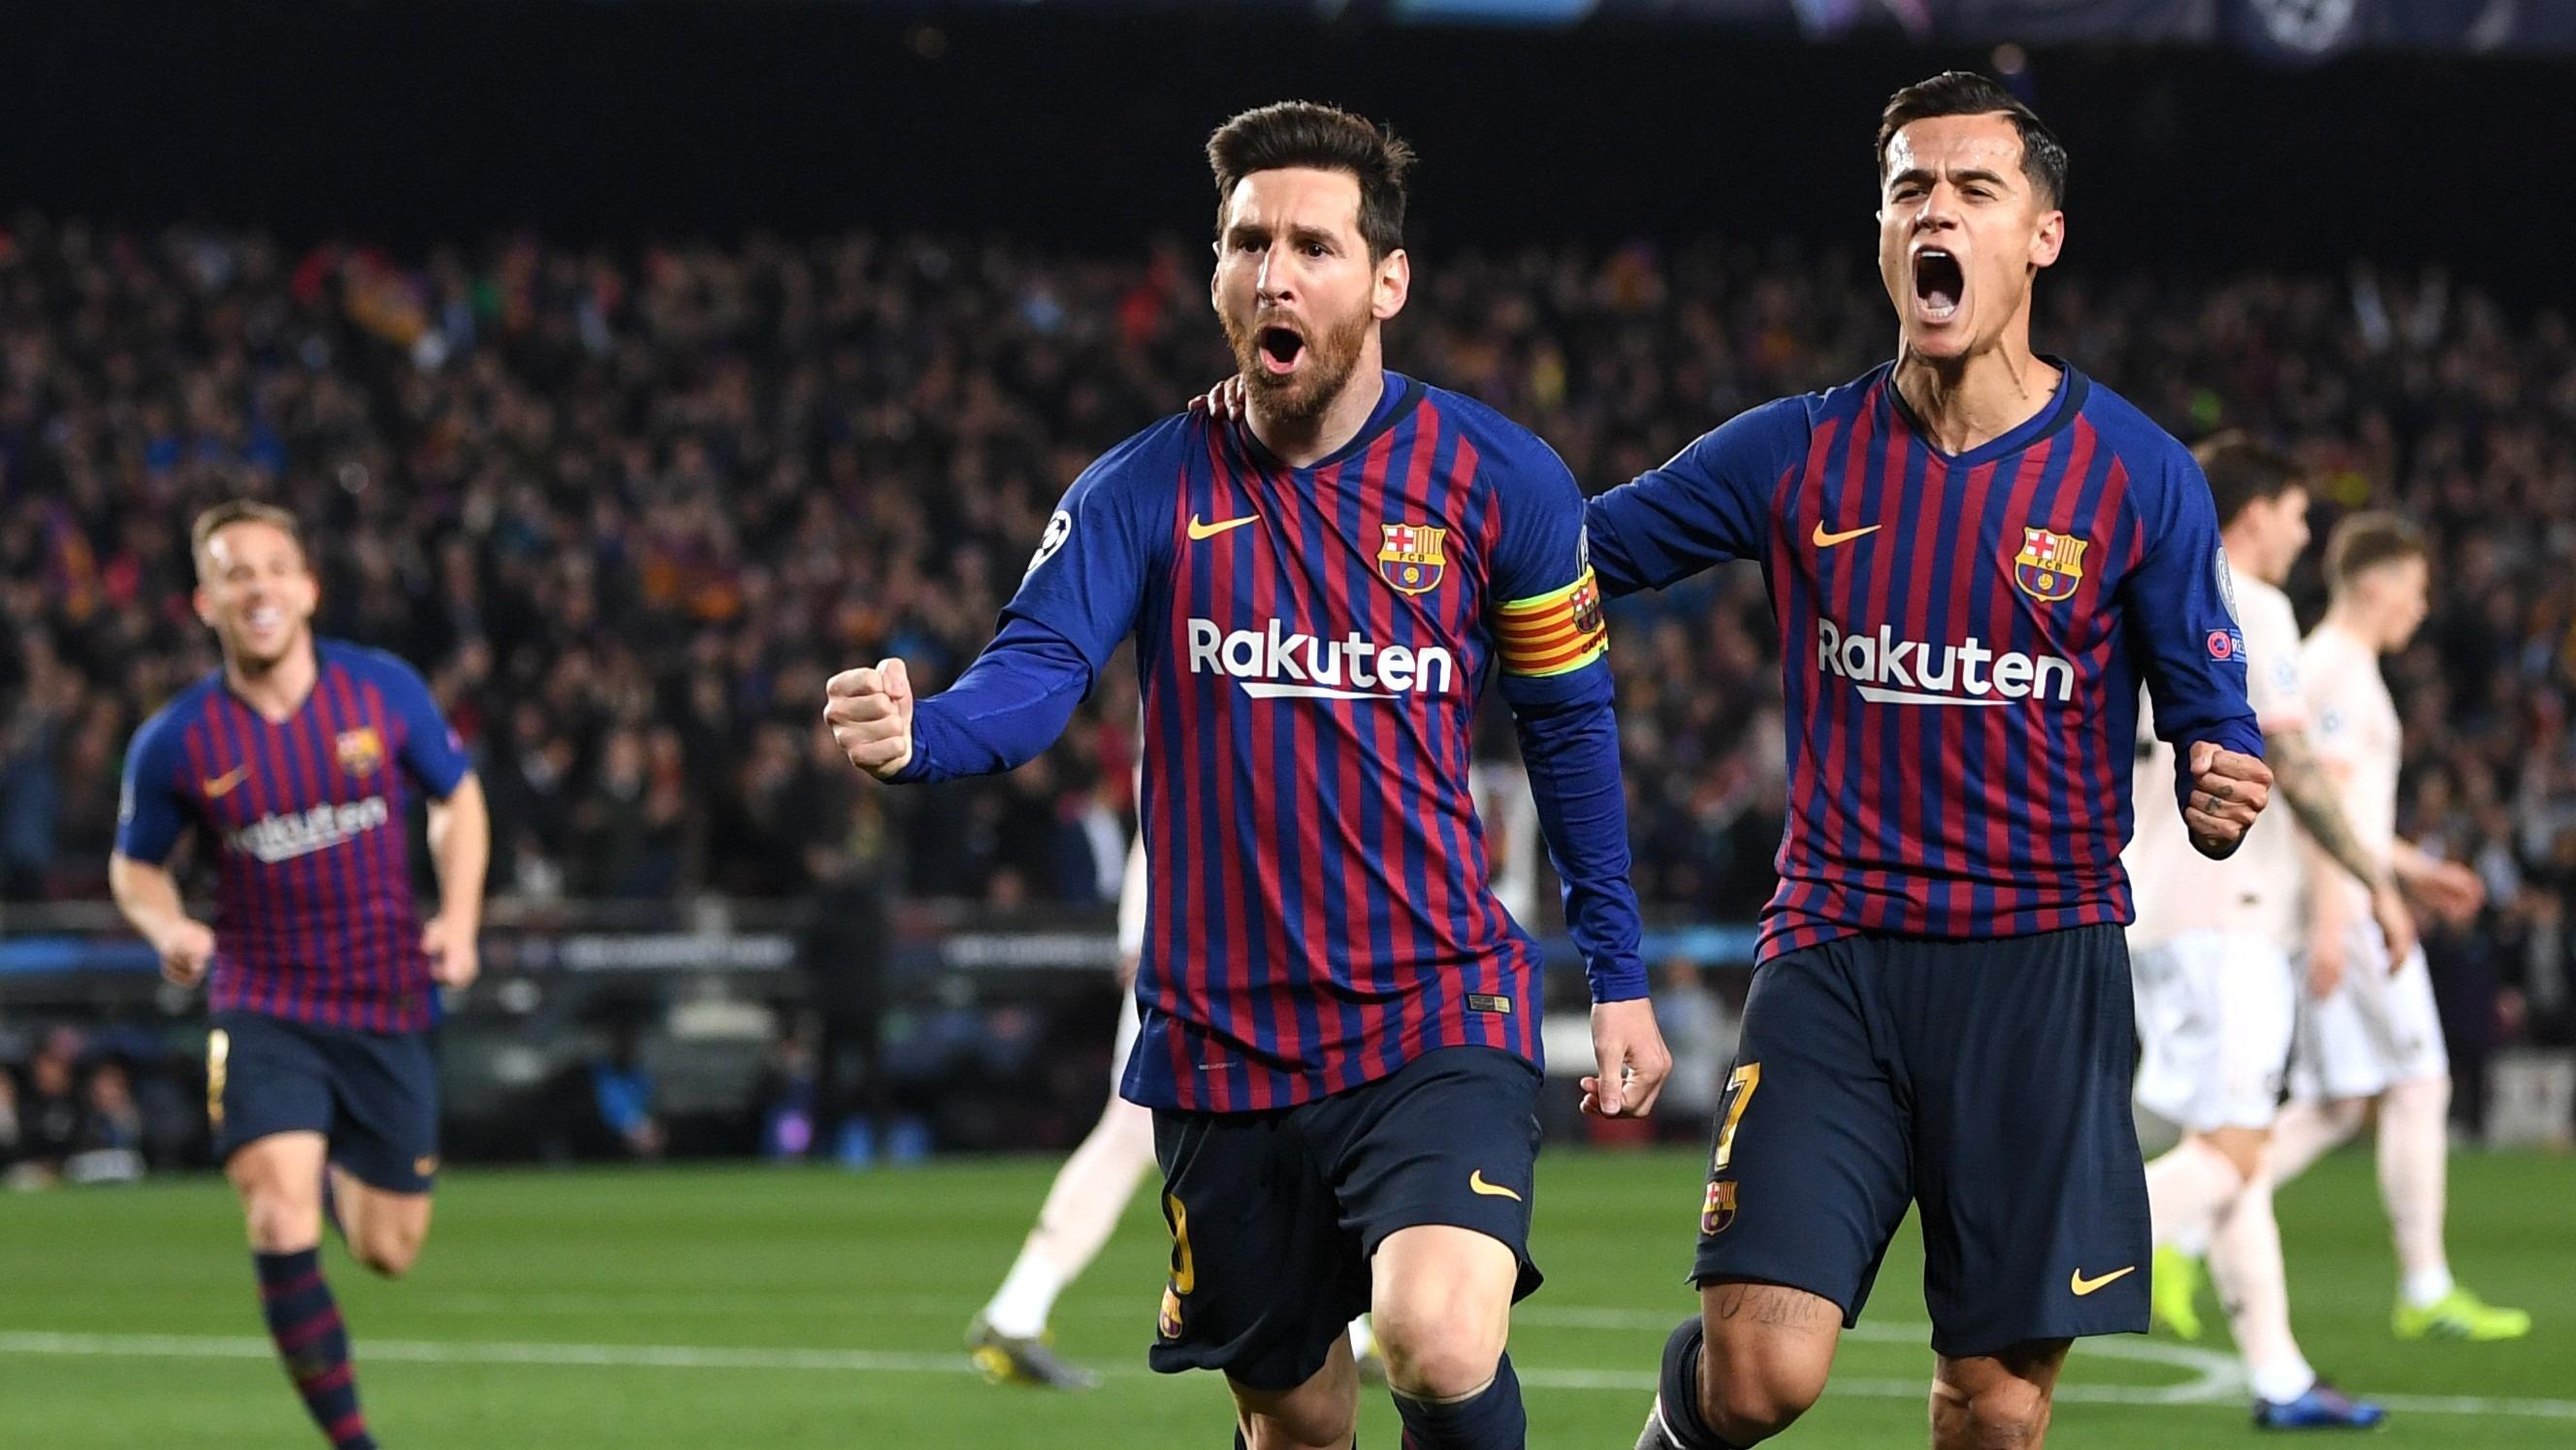 جدول مباريات الدوري الإسباني اليوم.. الجولة الأخيرة ومواجهتين لريال مدريد وبرشلونة